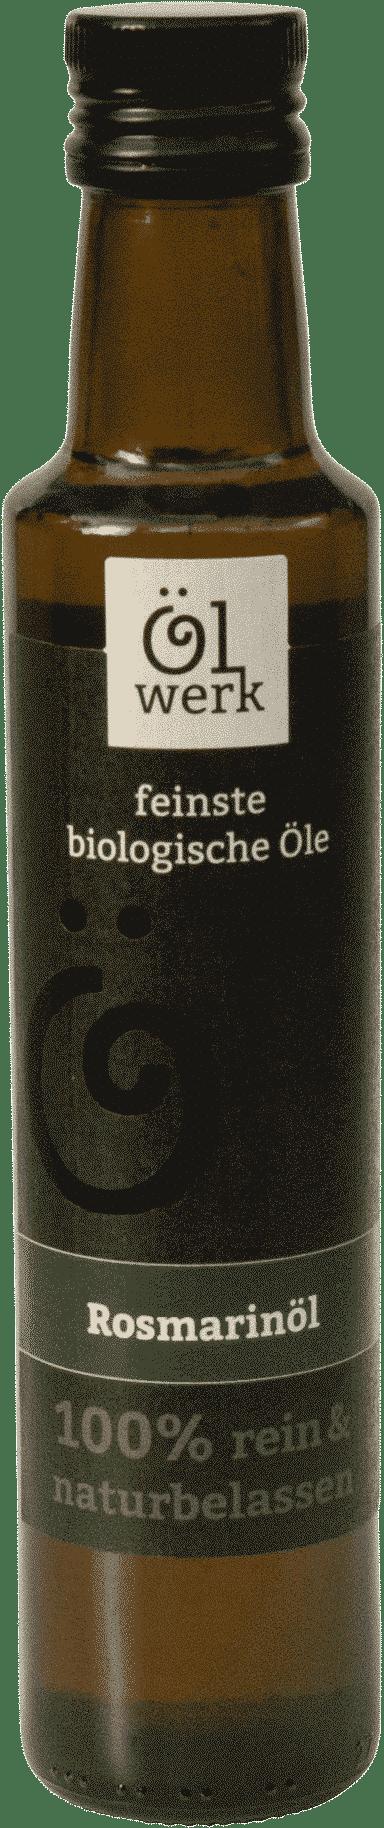 Bio-Rosmarinöl von Ölwerk